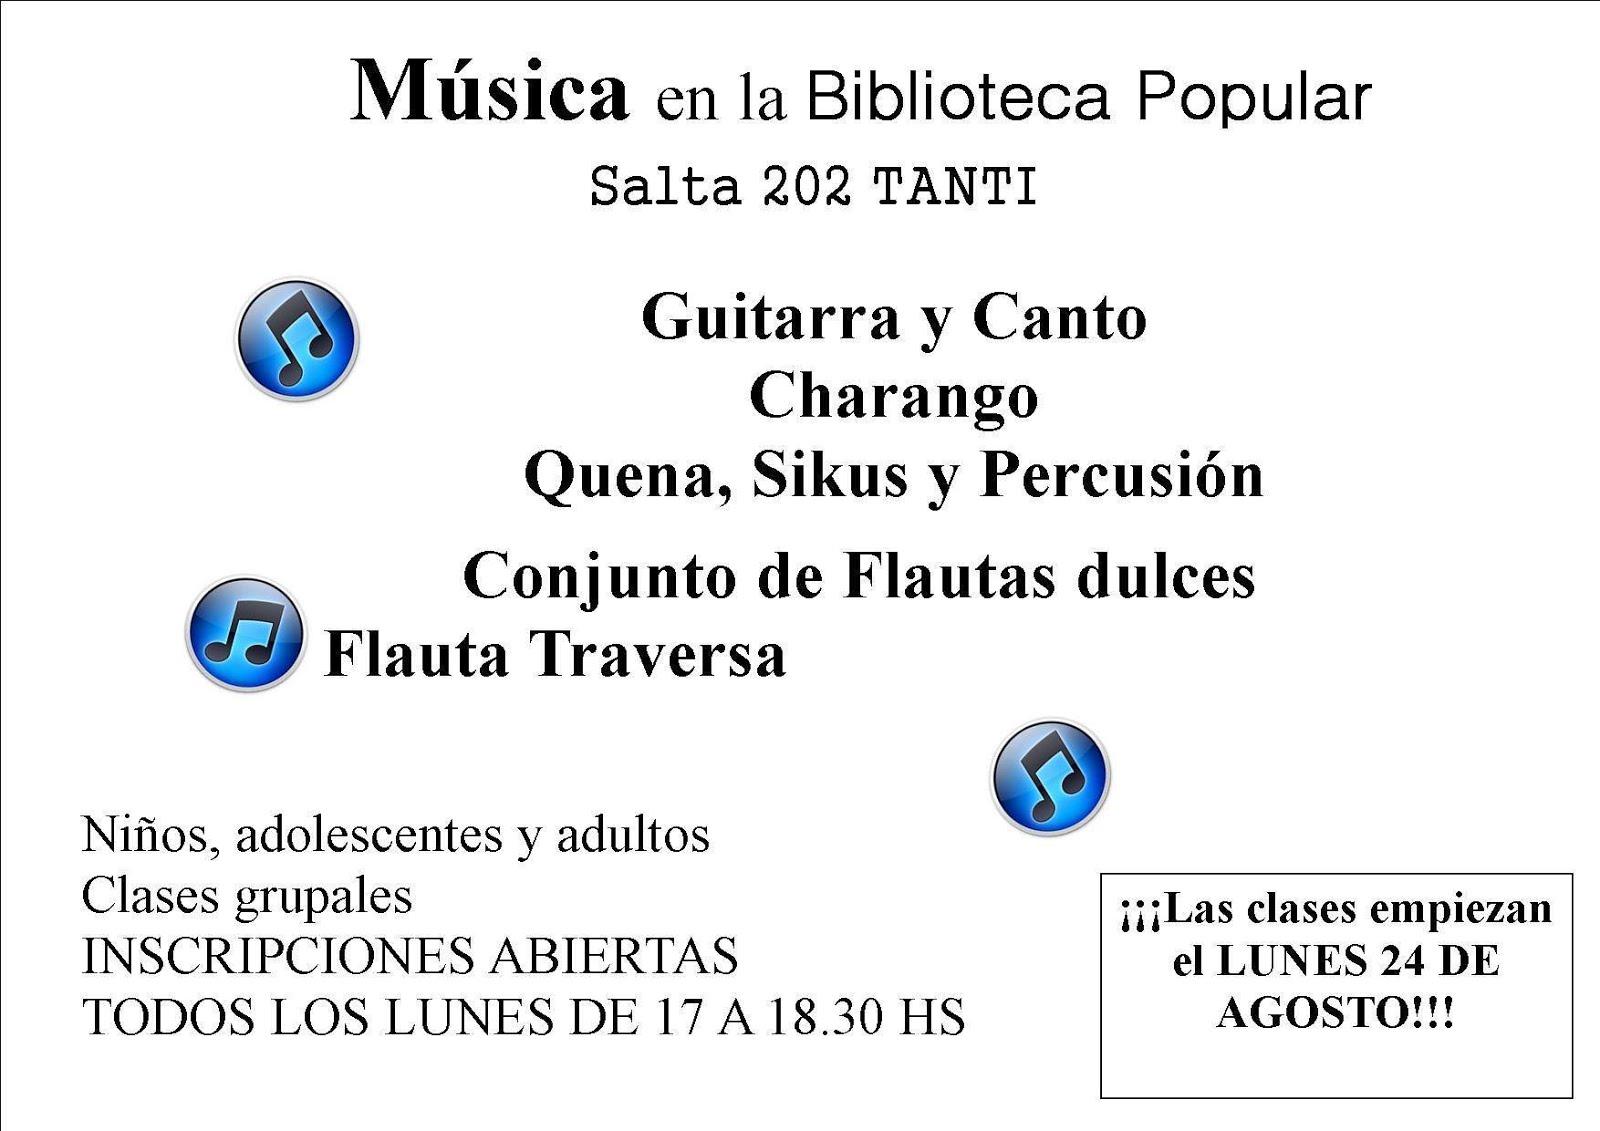 CLASES DE MÚSICA EN LA BIBLIOTECA POPULAR